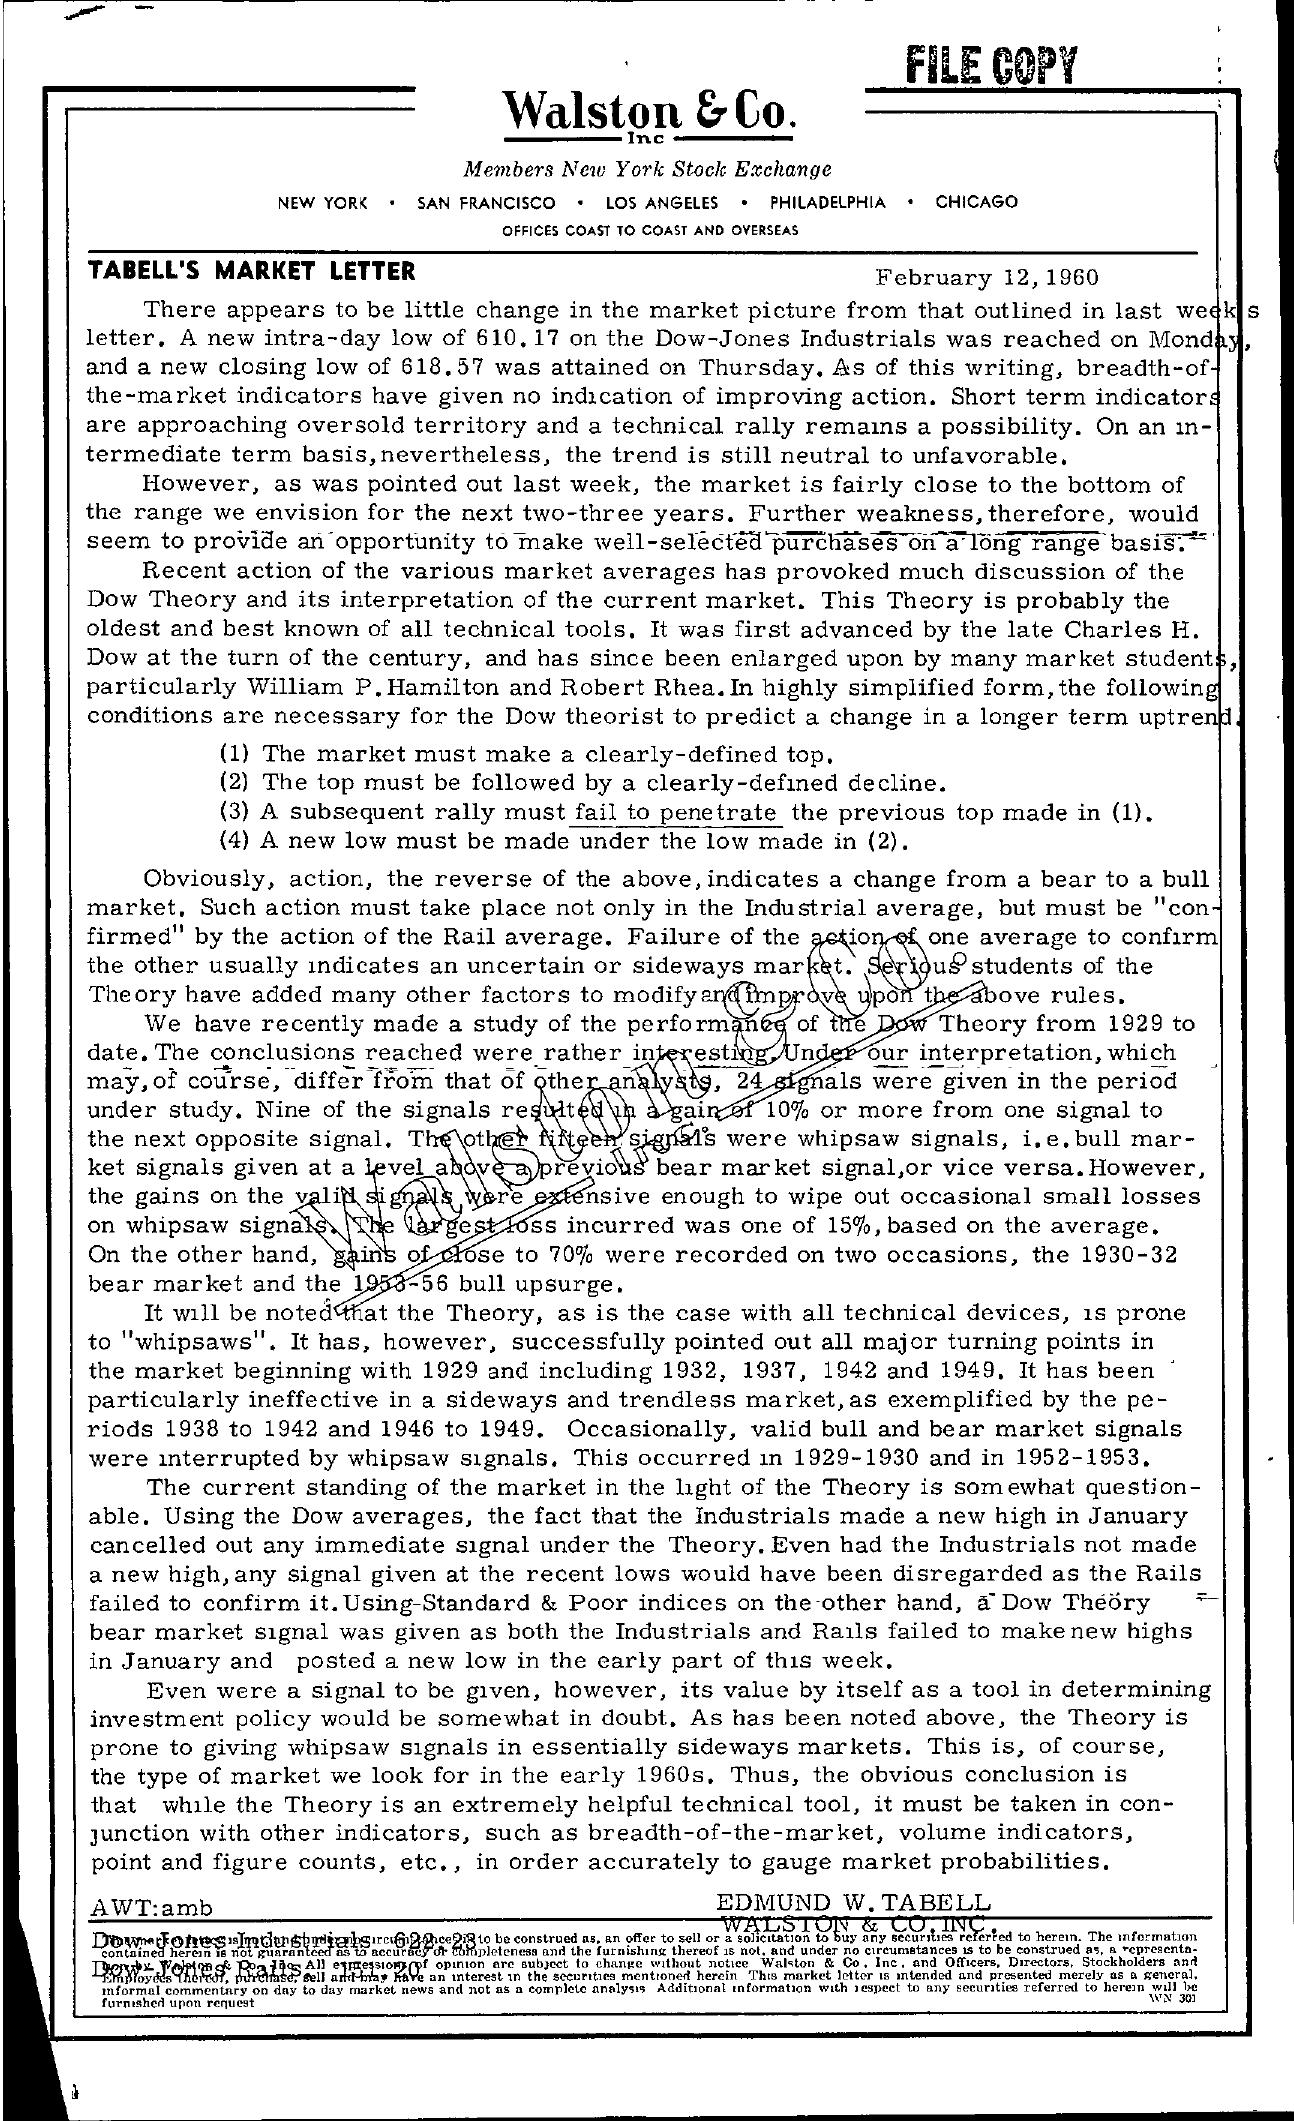 Tabell's Market Letter - February 12, 1960